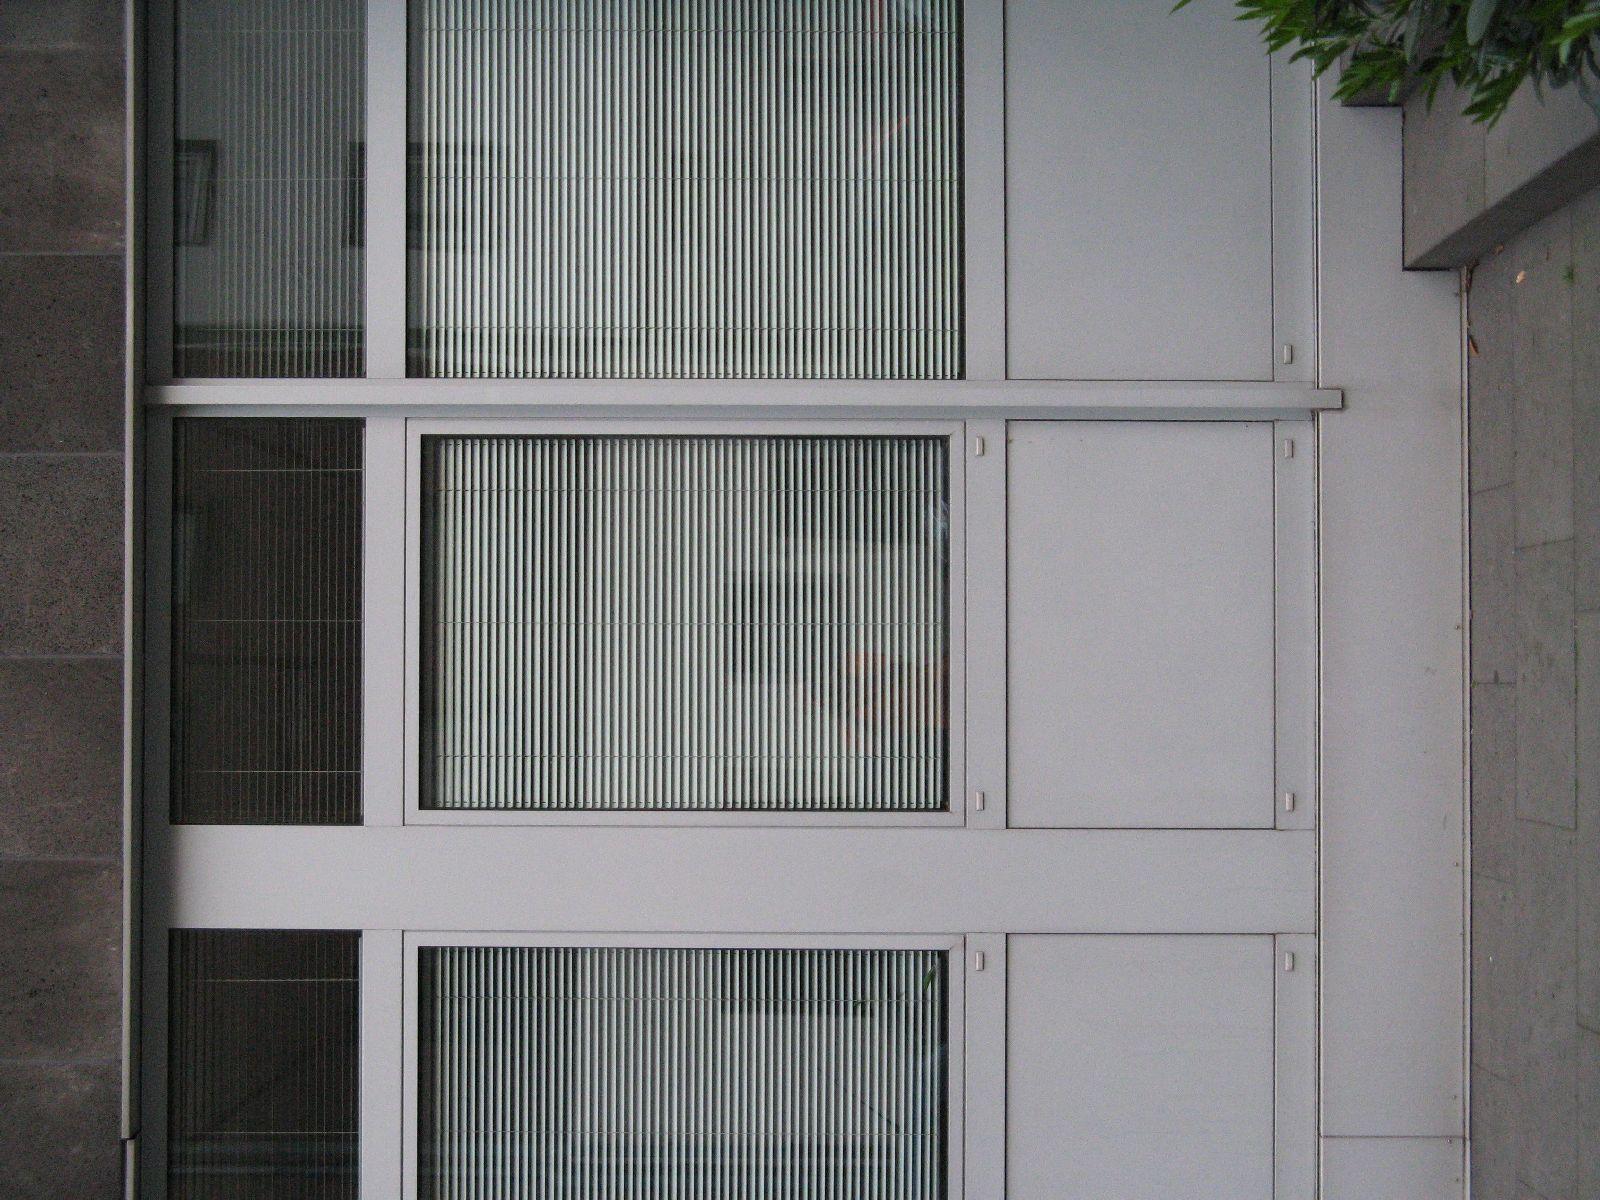 Gebaeude-Tueren-Fenster_Textur_B_0389